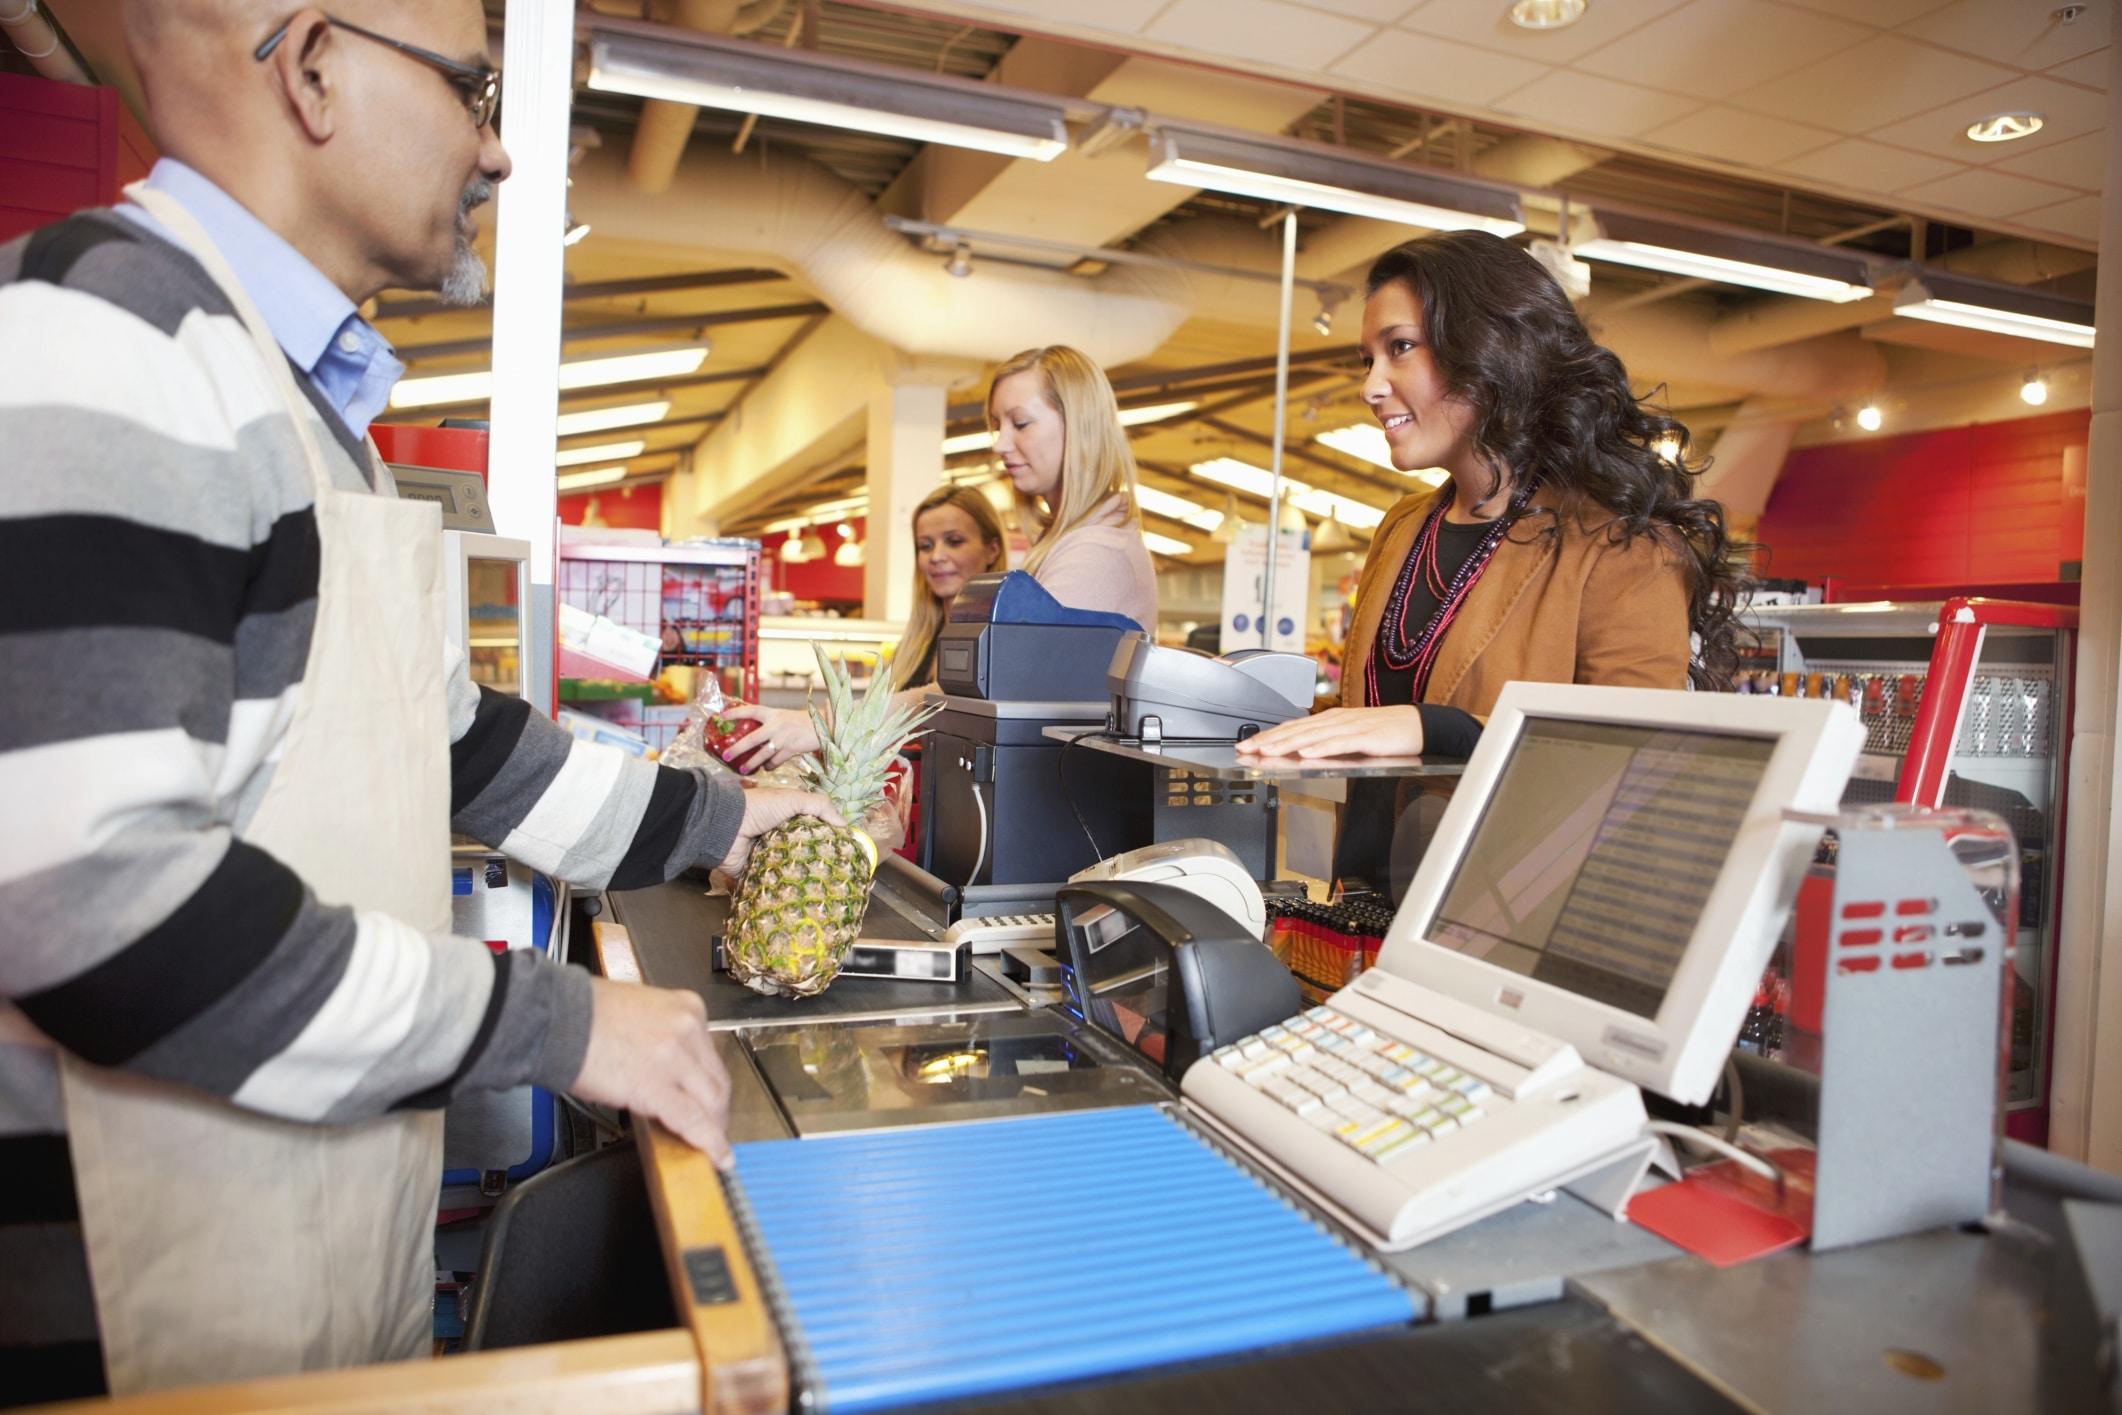 comprando produtos no supermercado com código de barras